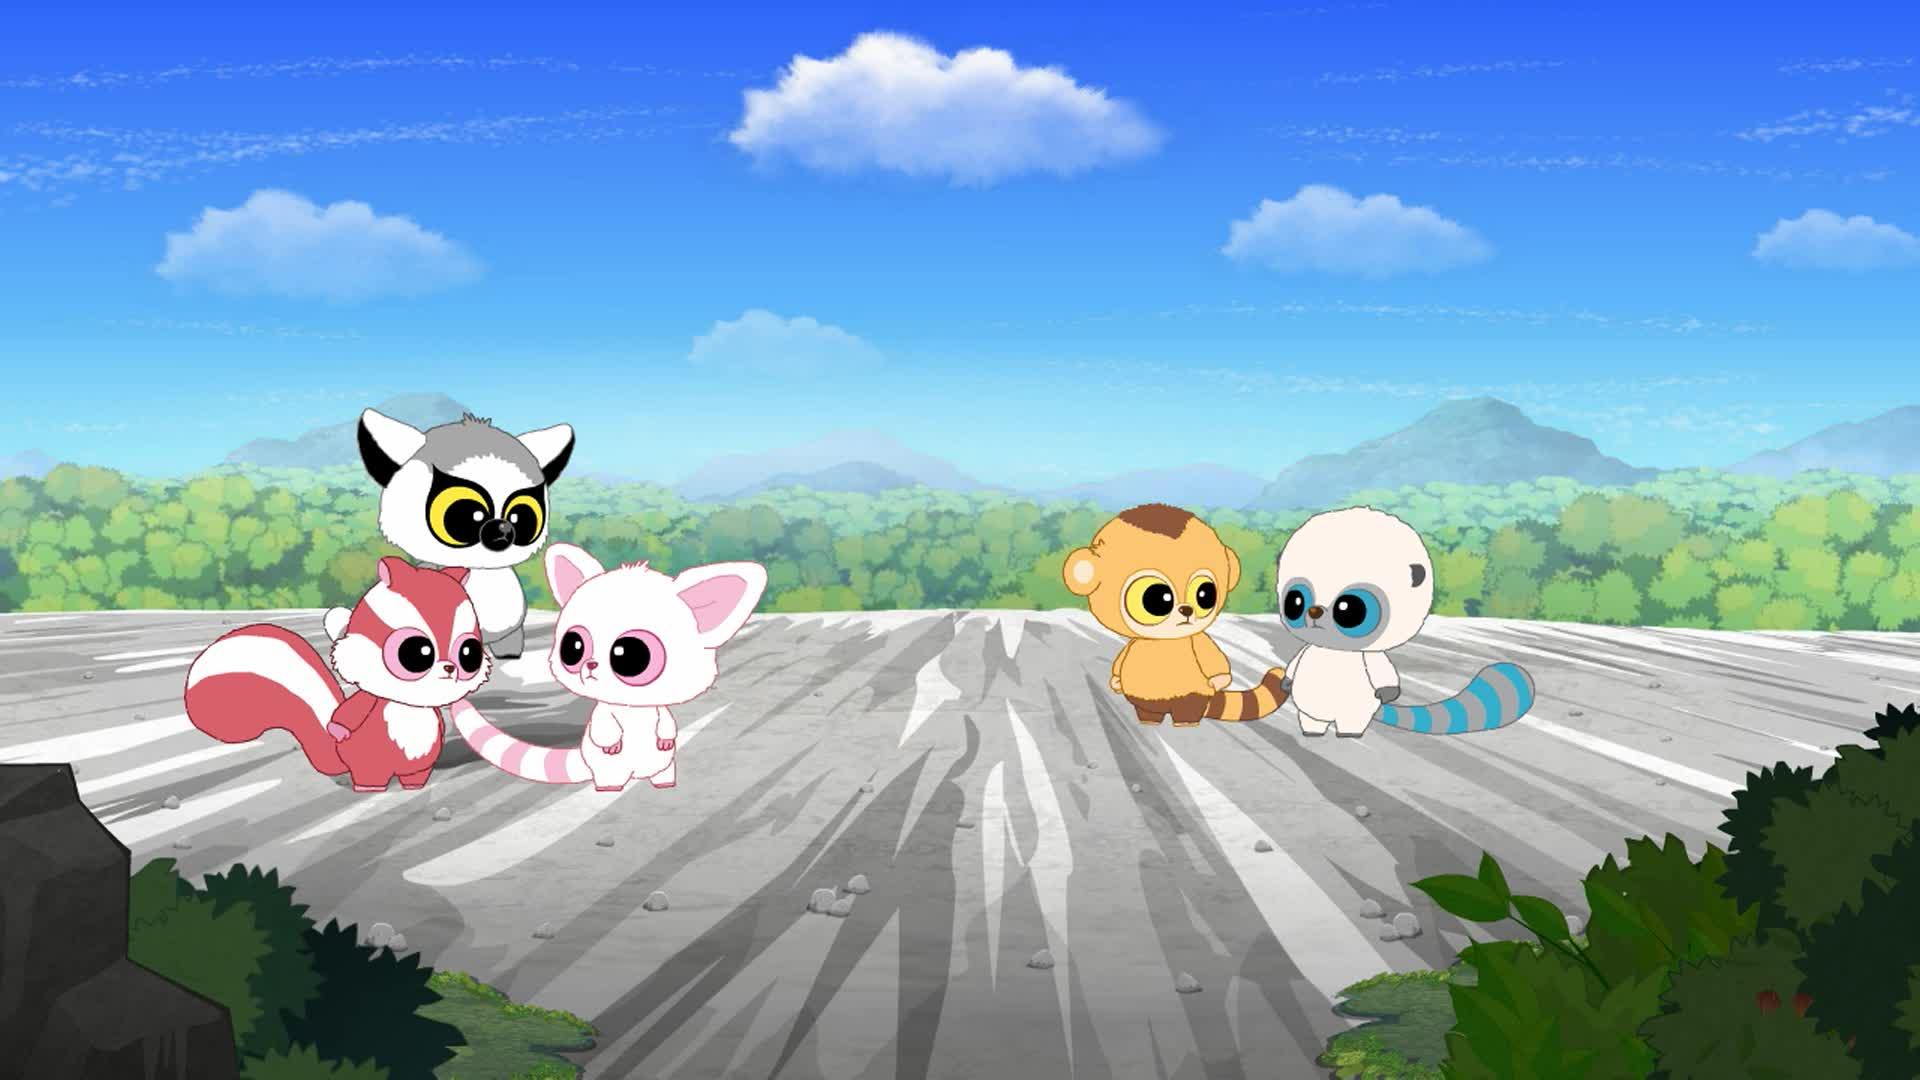 Юху и его друзья Юху и его друзья. Сезон 1 22 - Тайны пещеры Альтамира